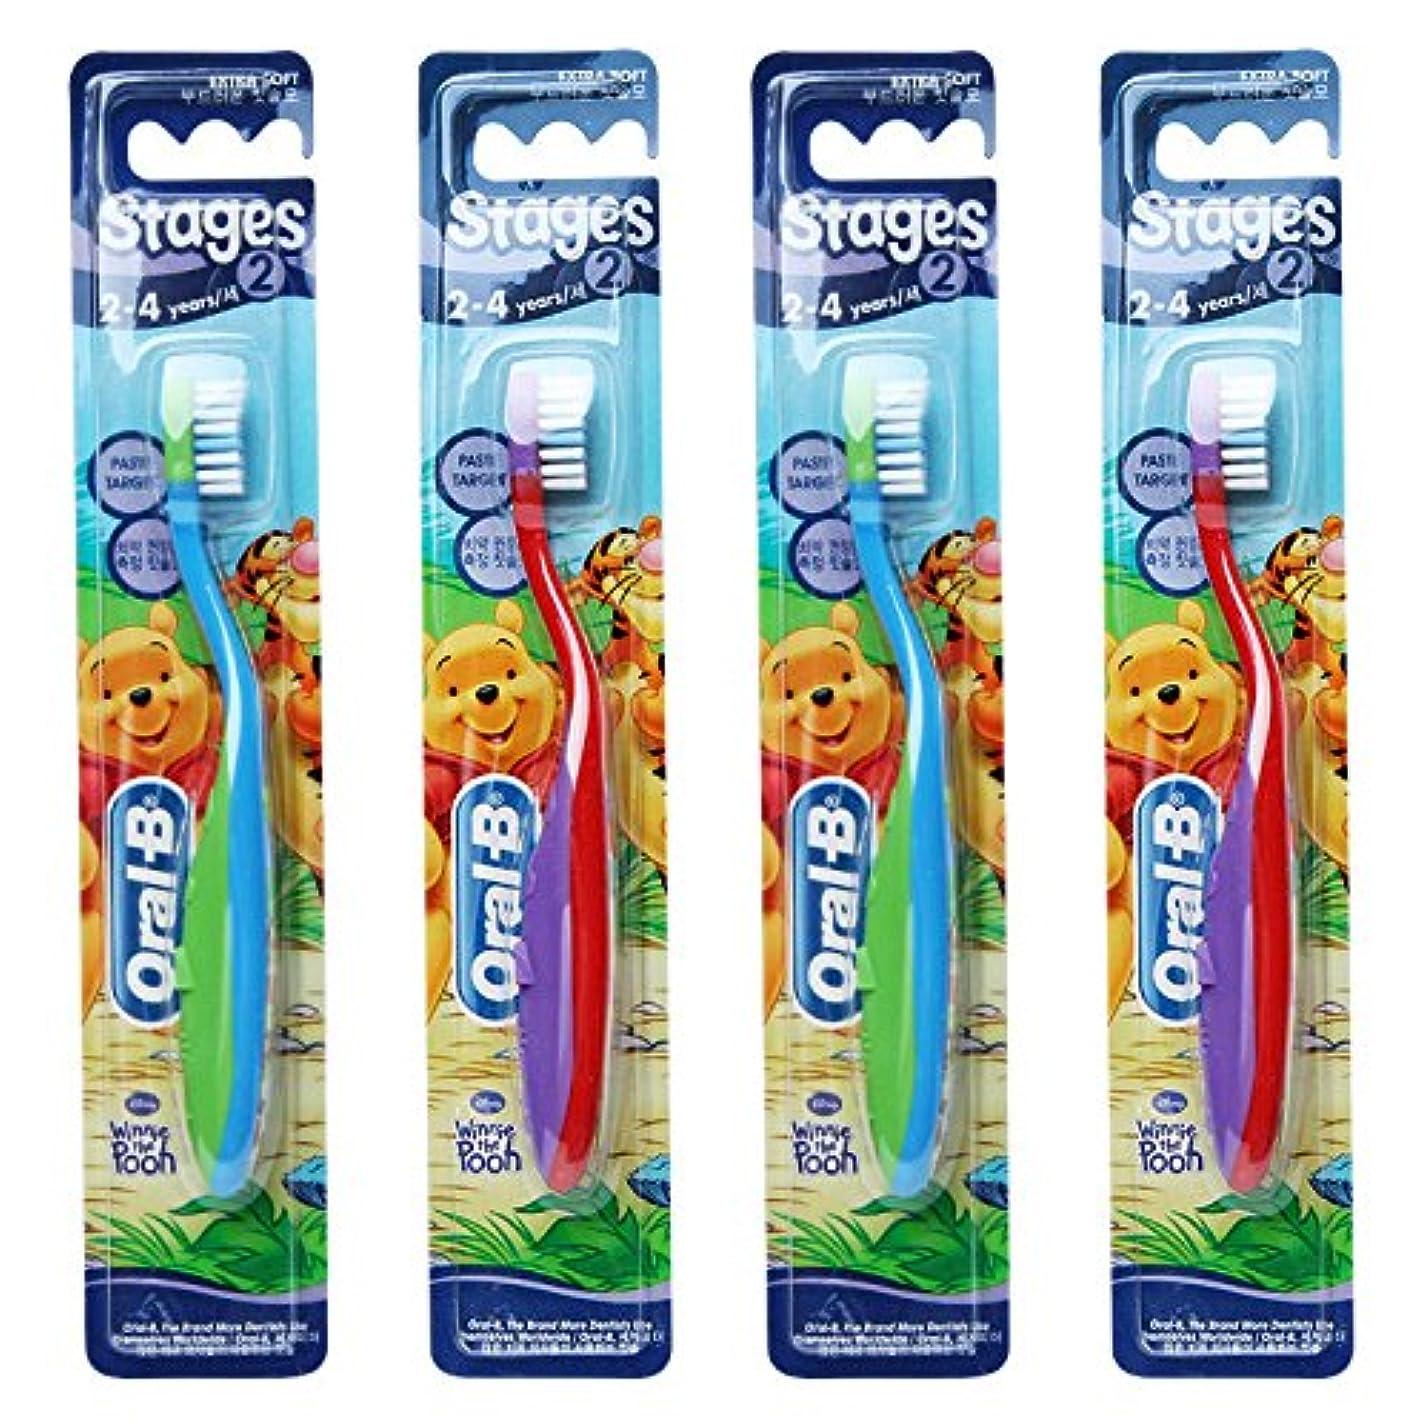 征服者プロフェッショナルガチョウOral-B Stages 2 Toothbrush 2 - 4 years 4 Pack /GENUINEと元の梱包 [並行輸入品]